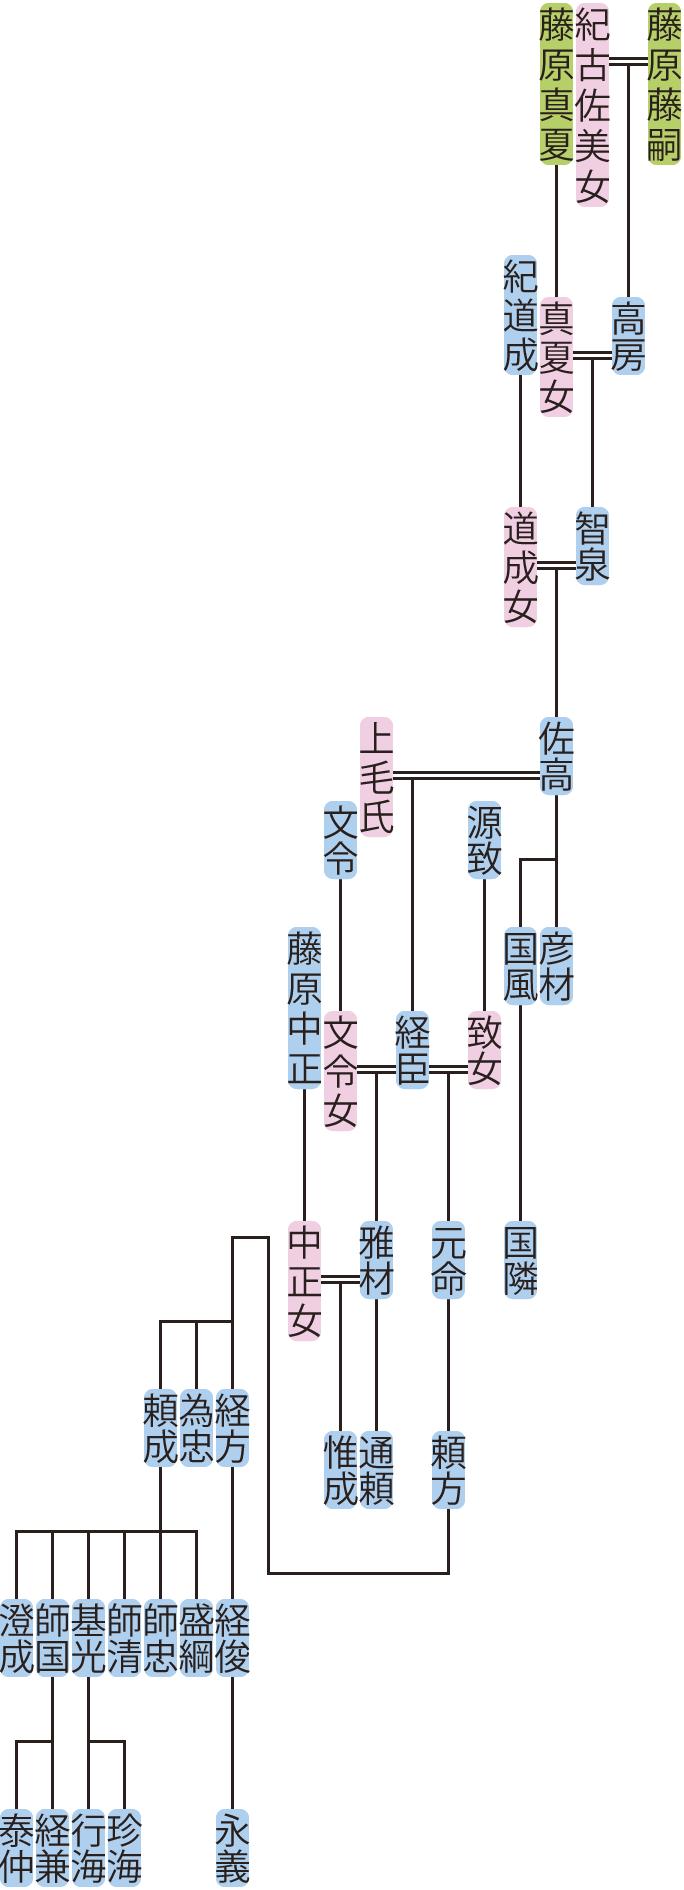 藤原智泉の系図